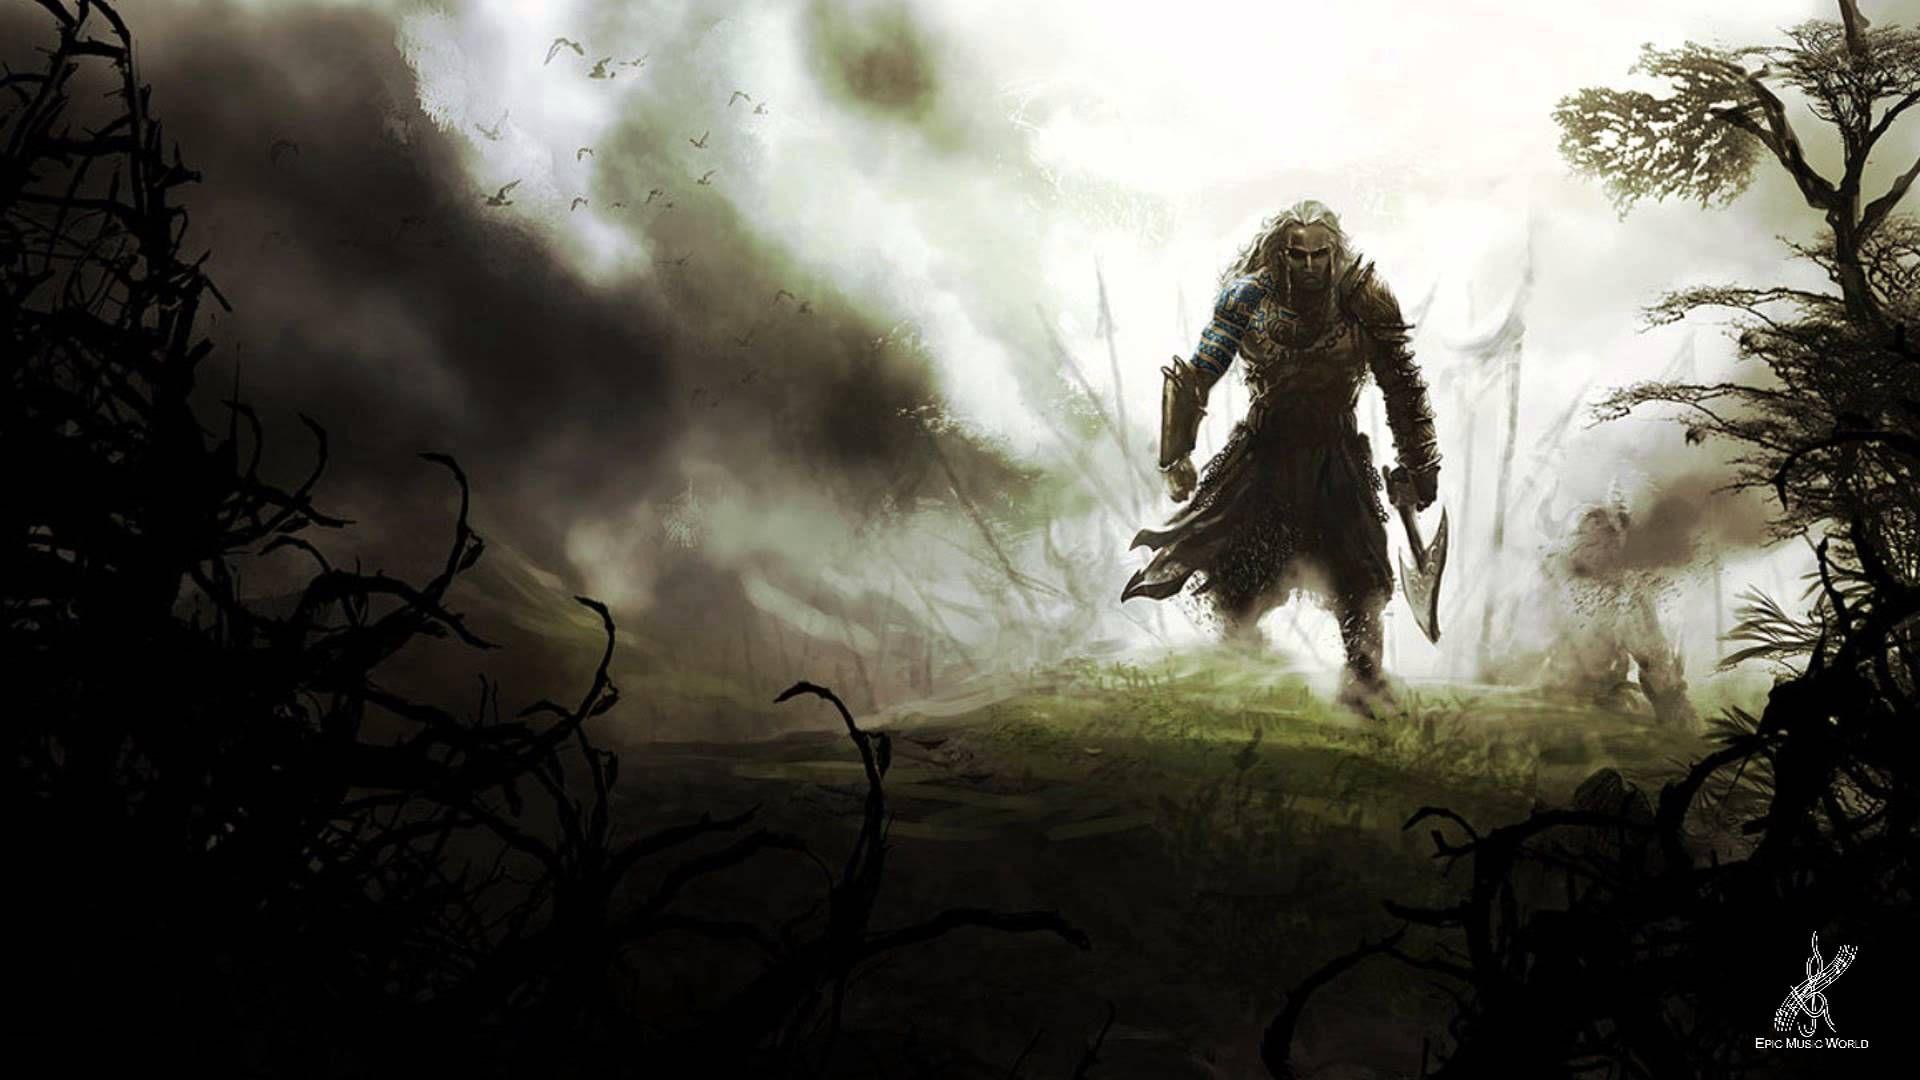 Steven Clark Kellogg Viking King Epic Powerful Heroic Uplifting